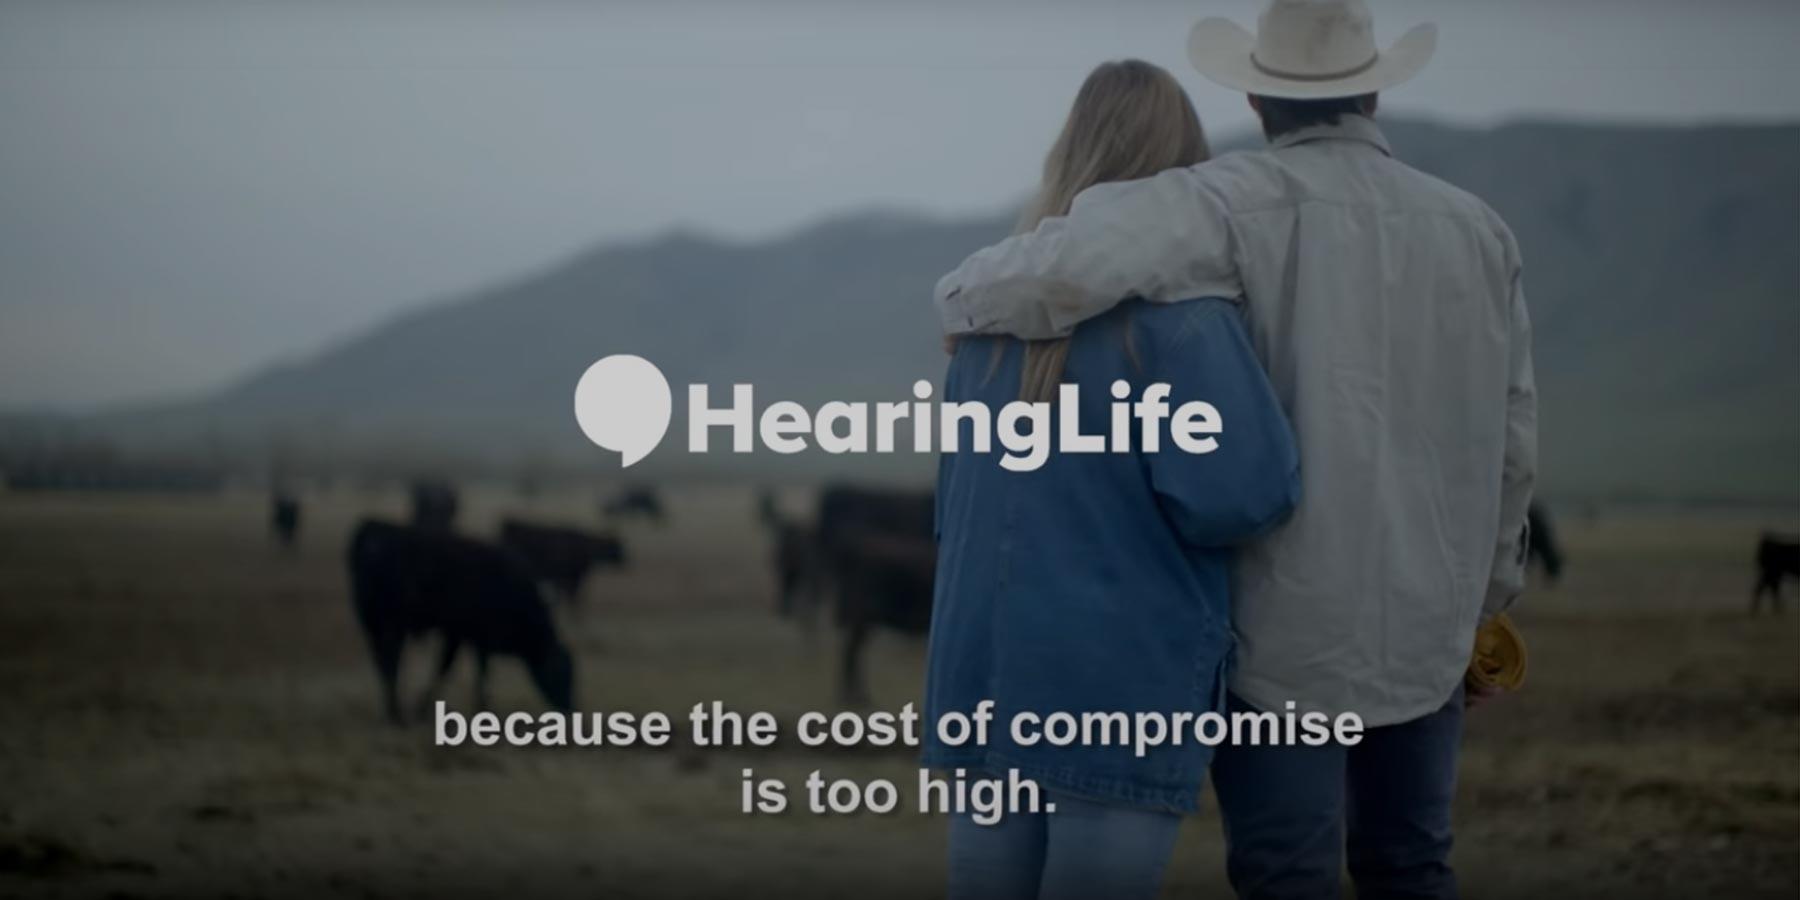 video_spot_hearinglife_30sec